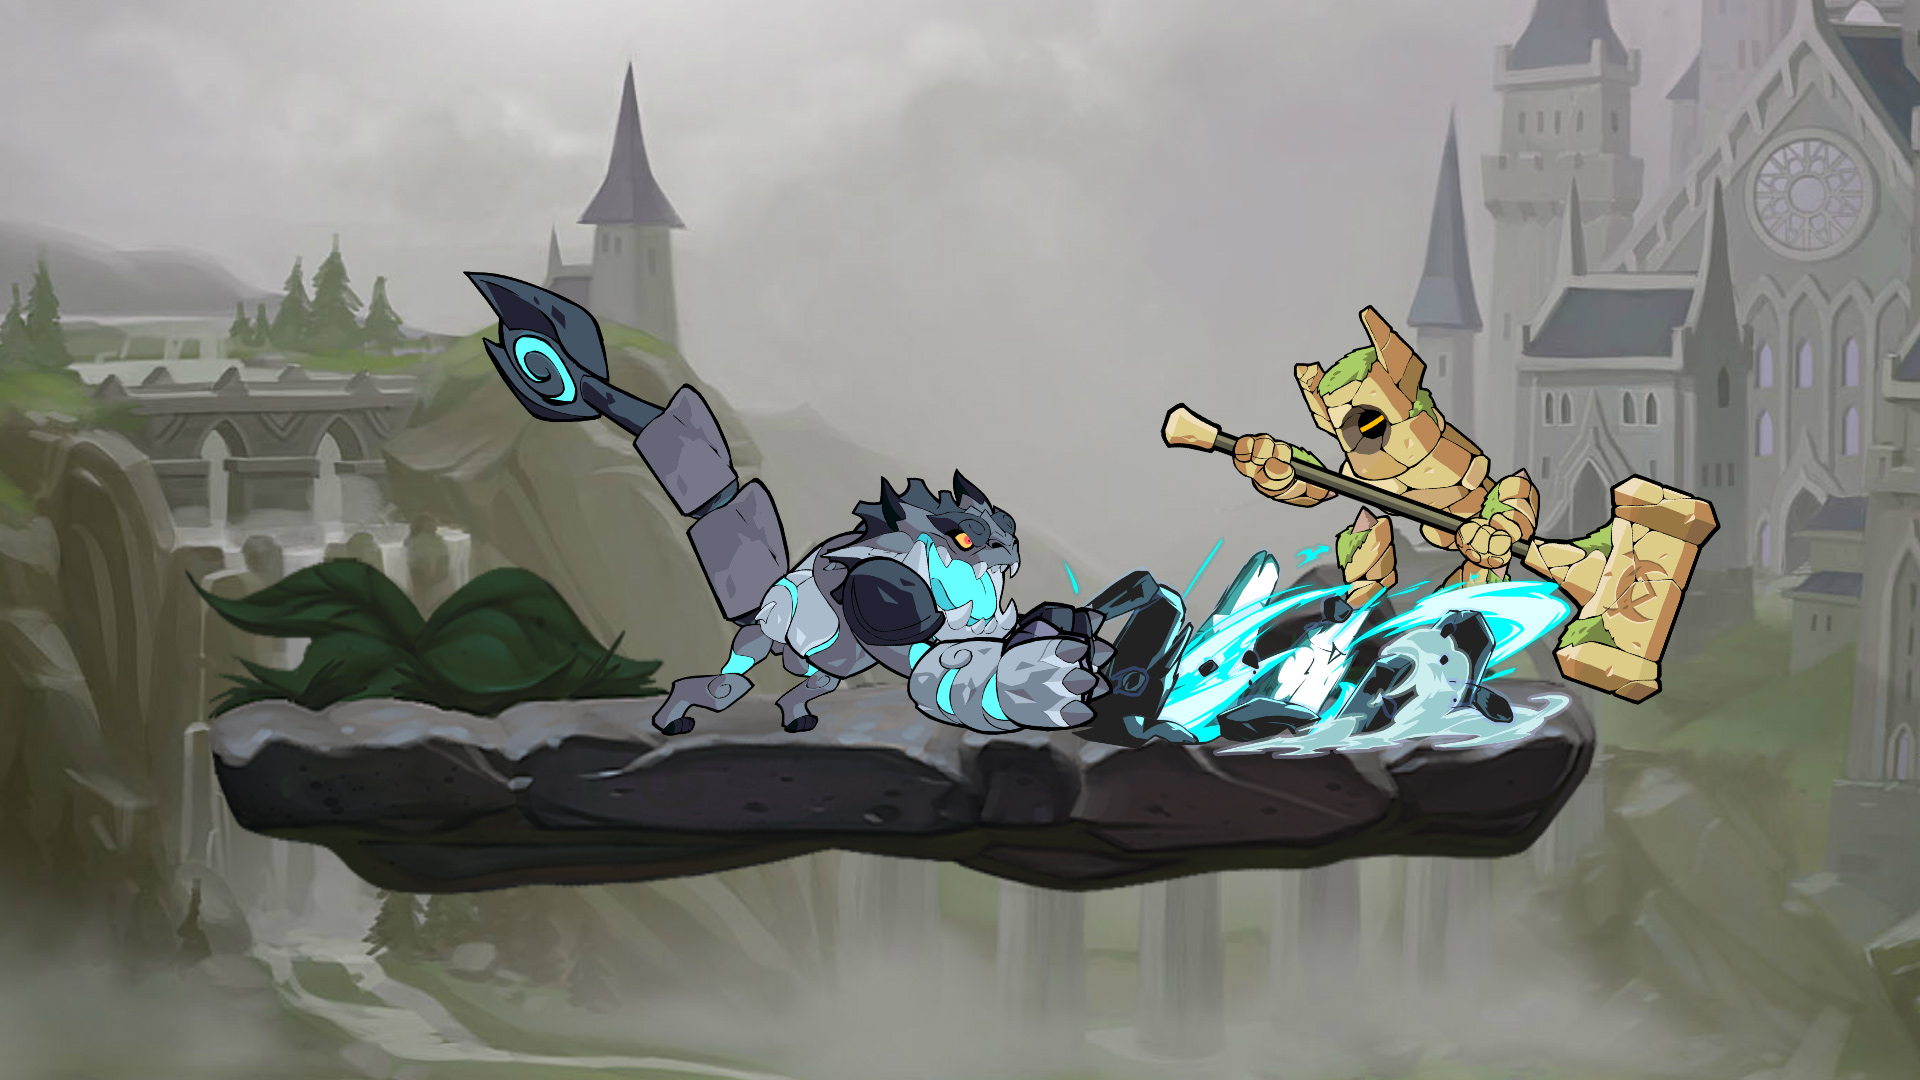 Onyx la gárgola, de mirada pétrea y duro corazón, llega a Brawlhalla